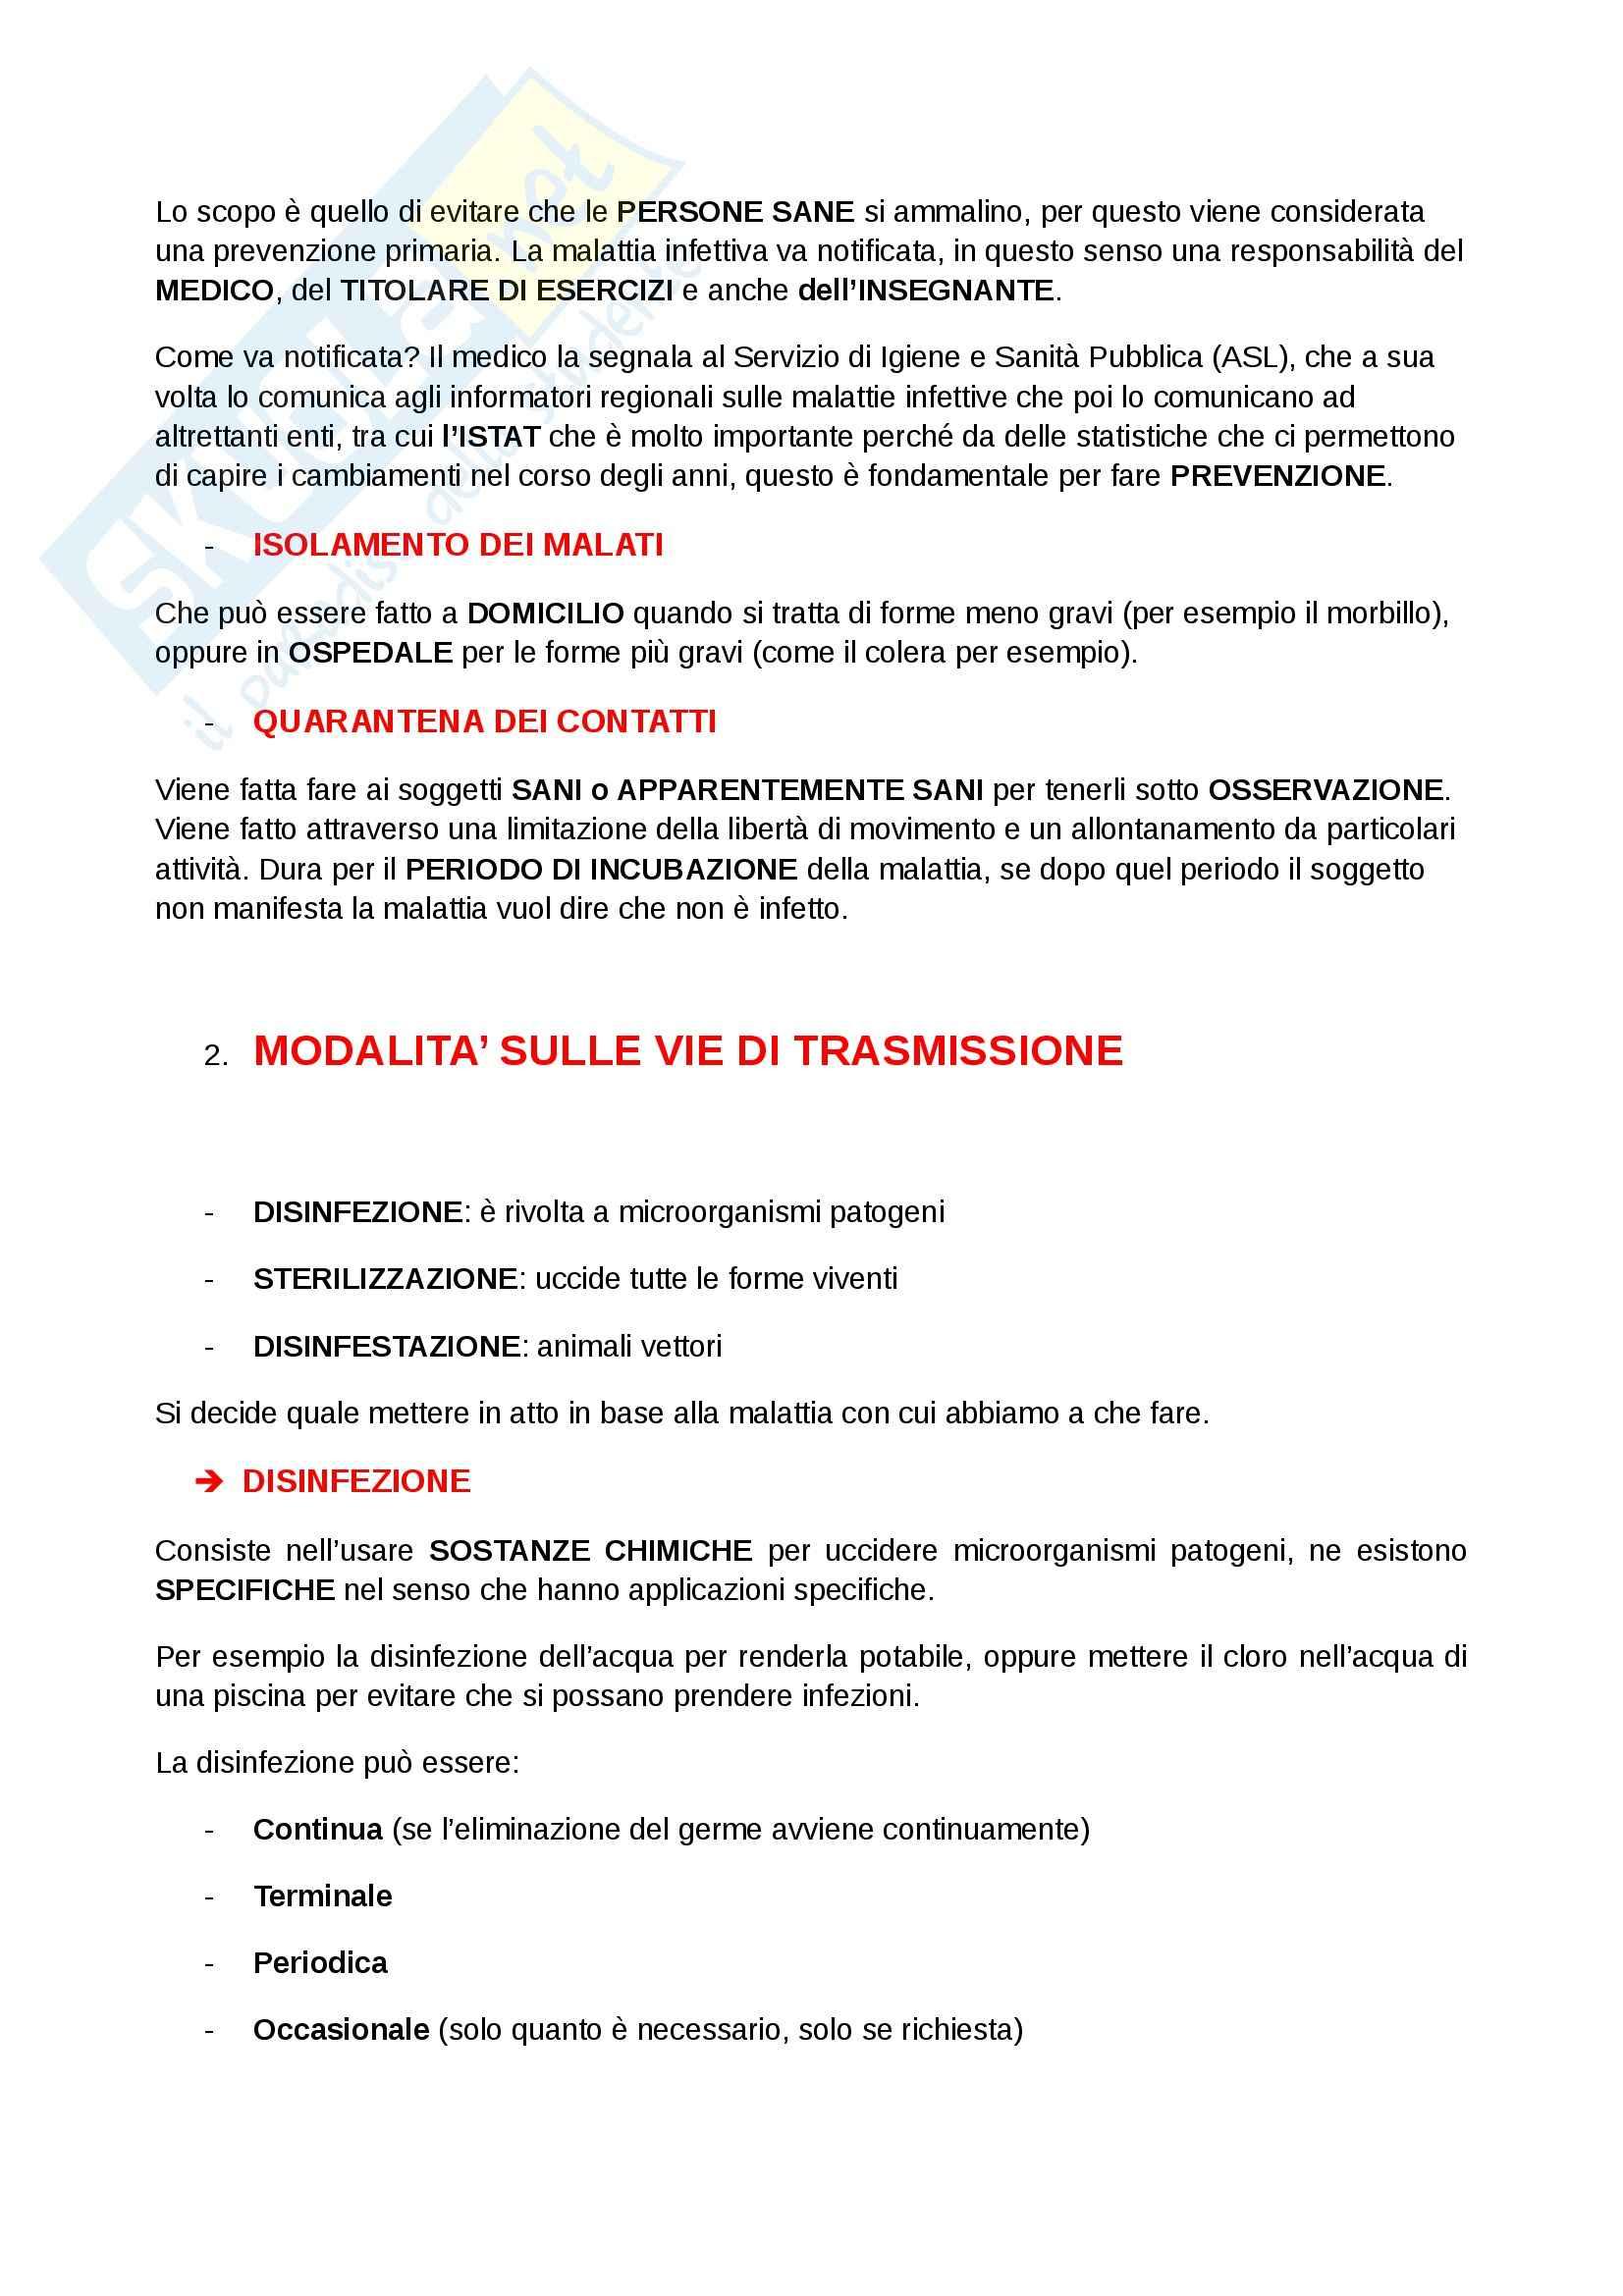 Igiene e sanità pubblica per le scienze motorie  - Appunti Pag. 36